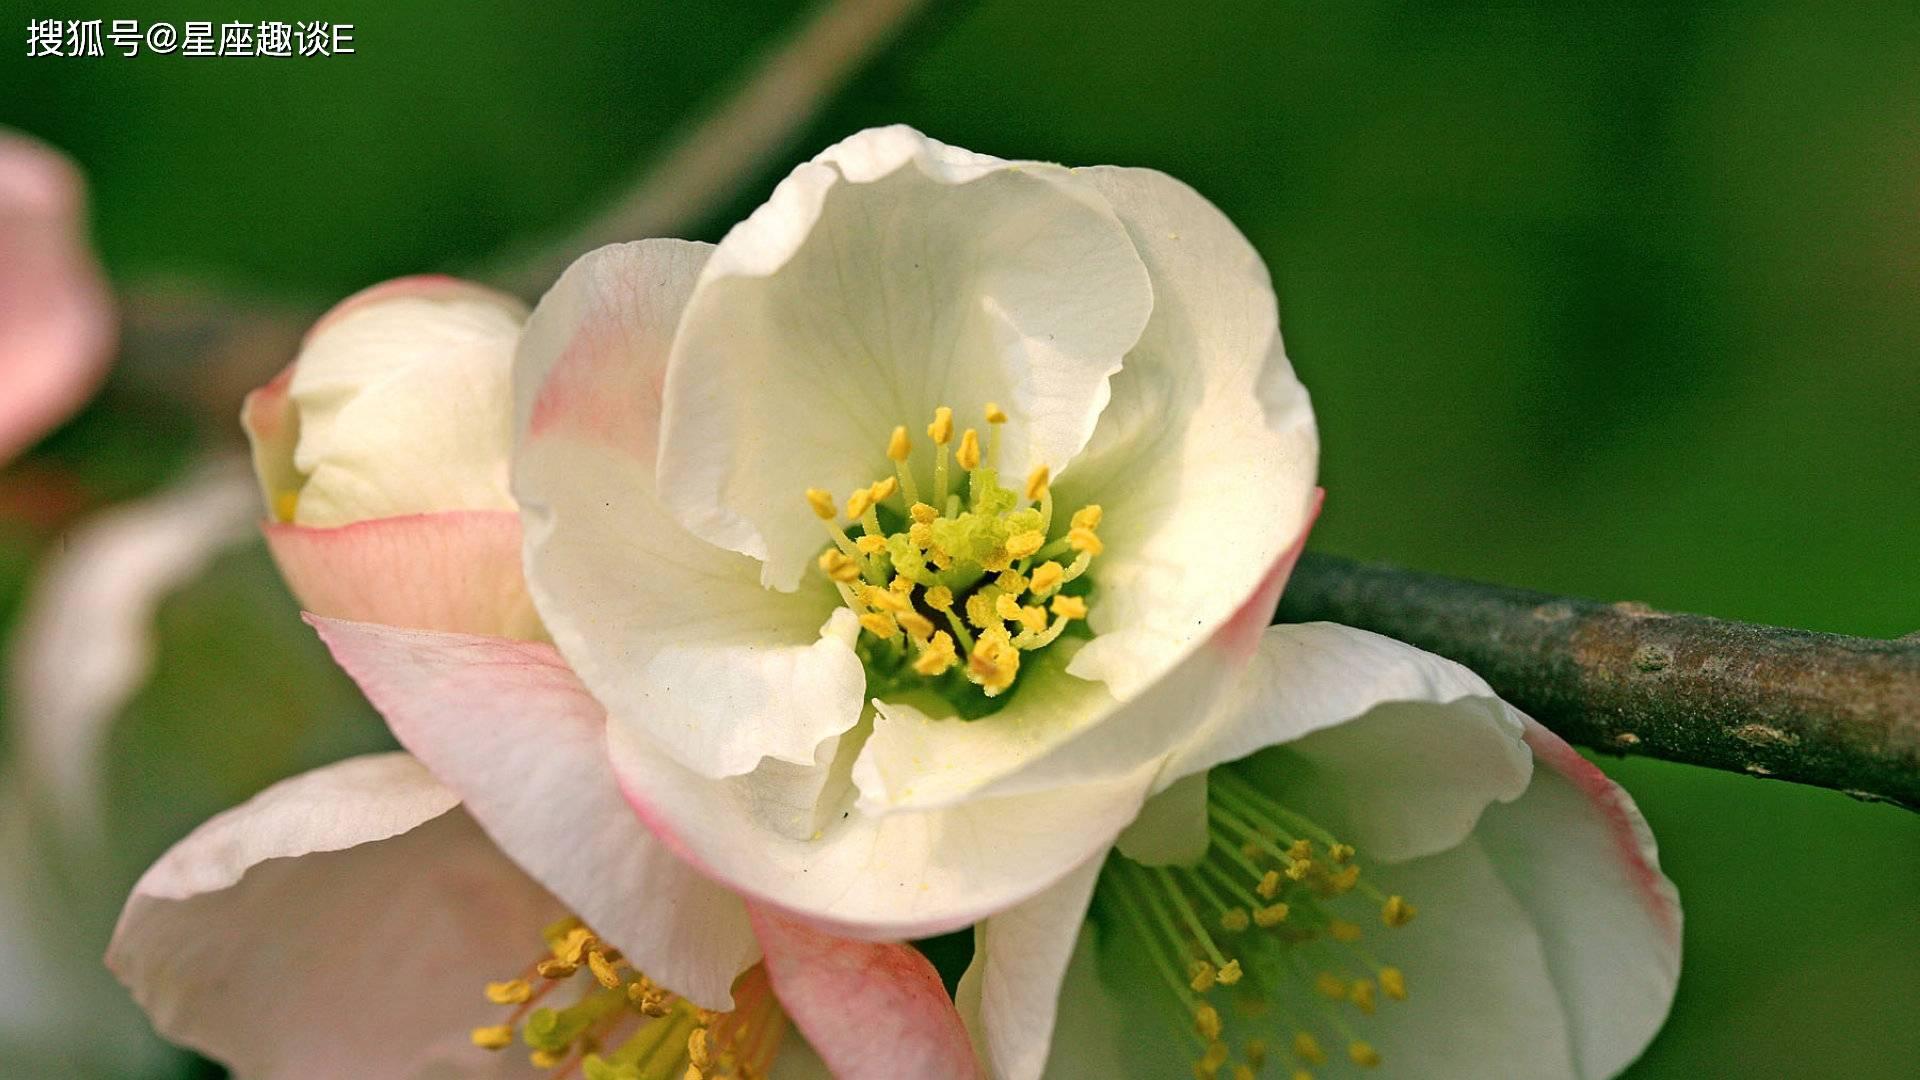 4月14日爱情运势:喜获良缘,牵手幸福的四大星座